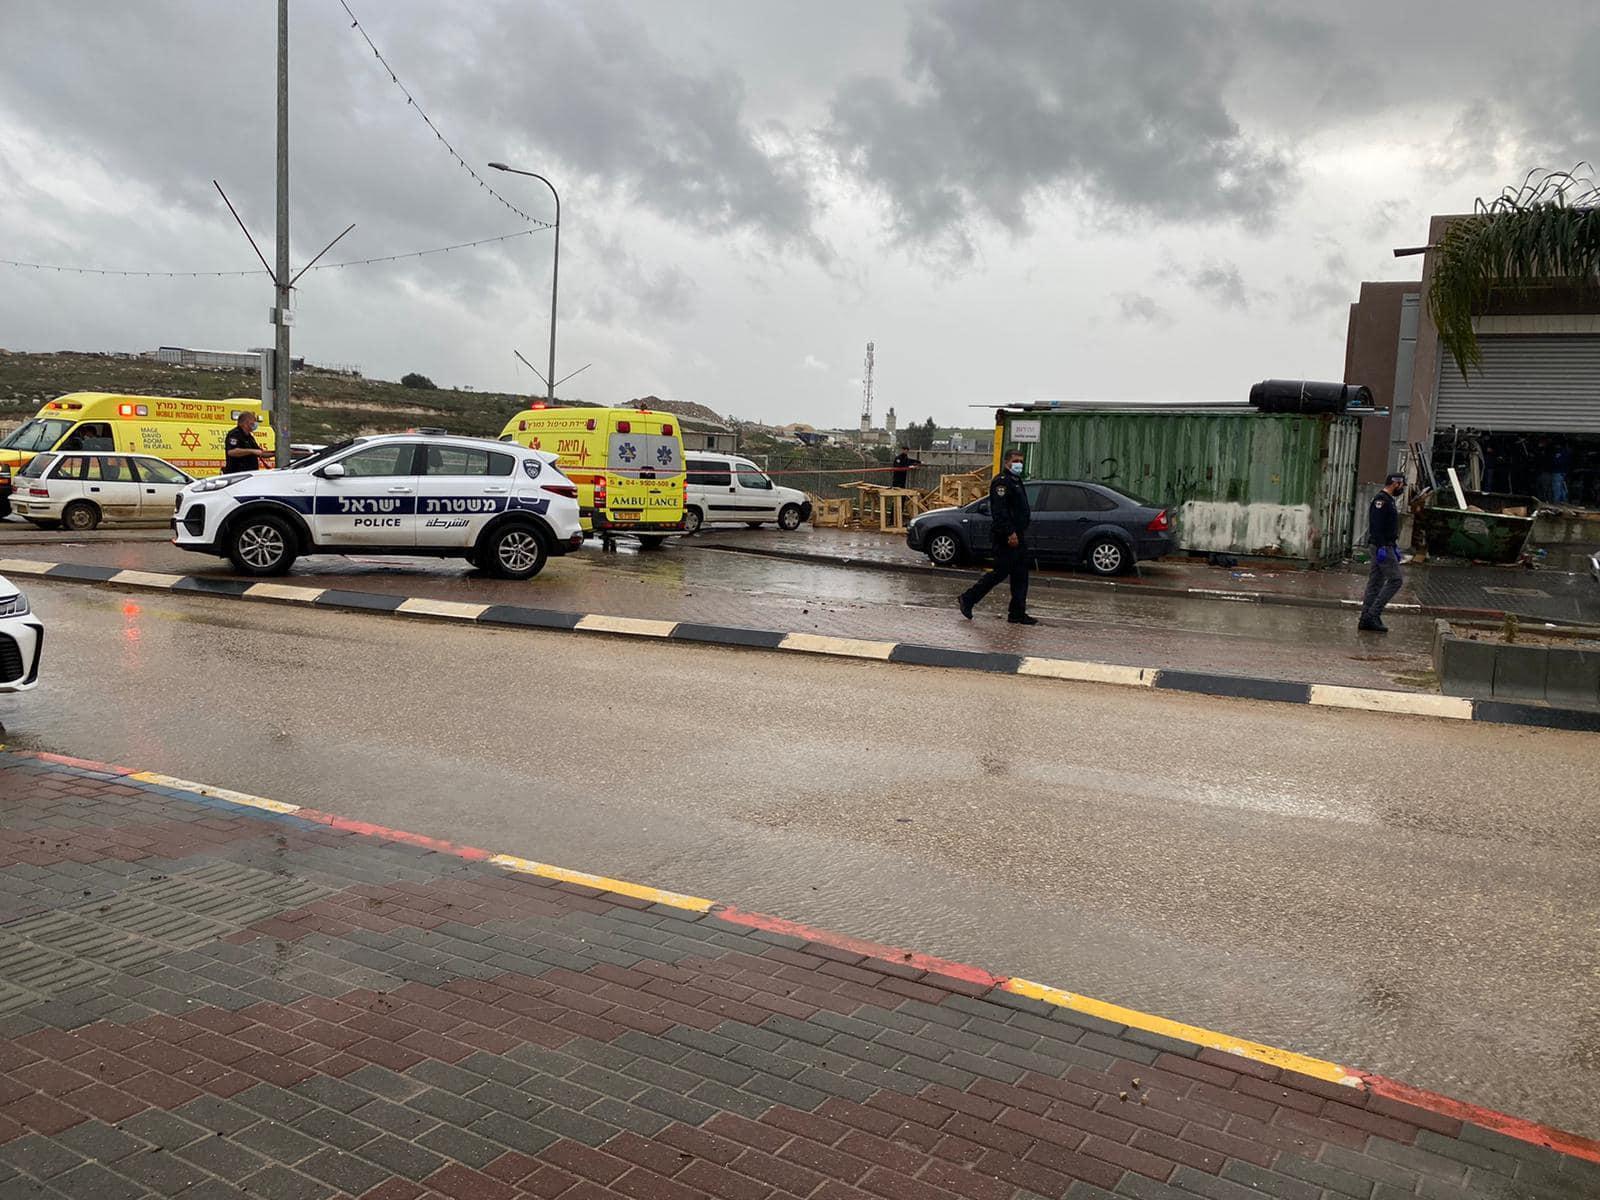 شفاعمرو: إصابة خطيرة وأخرى متوسطة في جريمة إطلاق نار